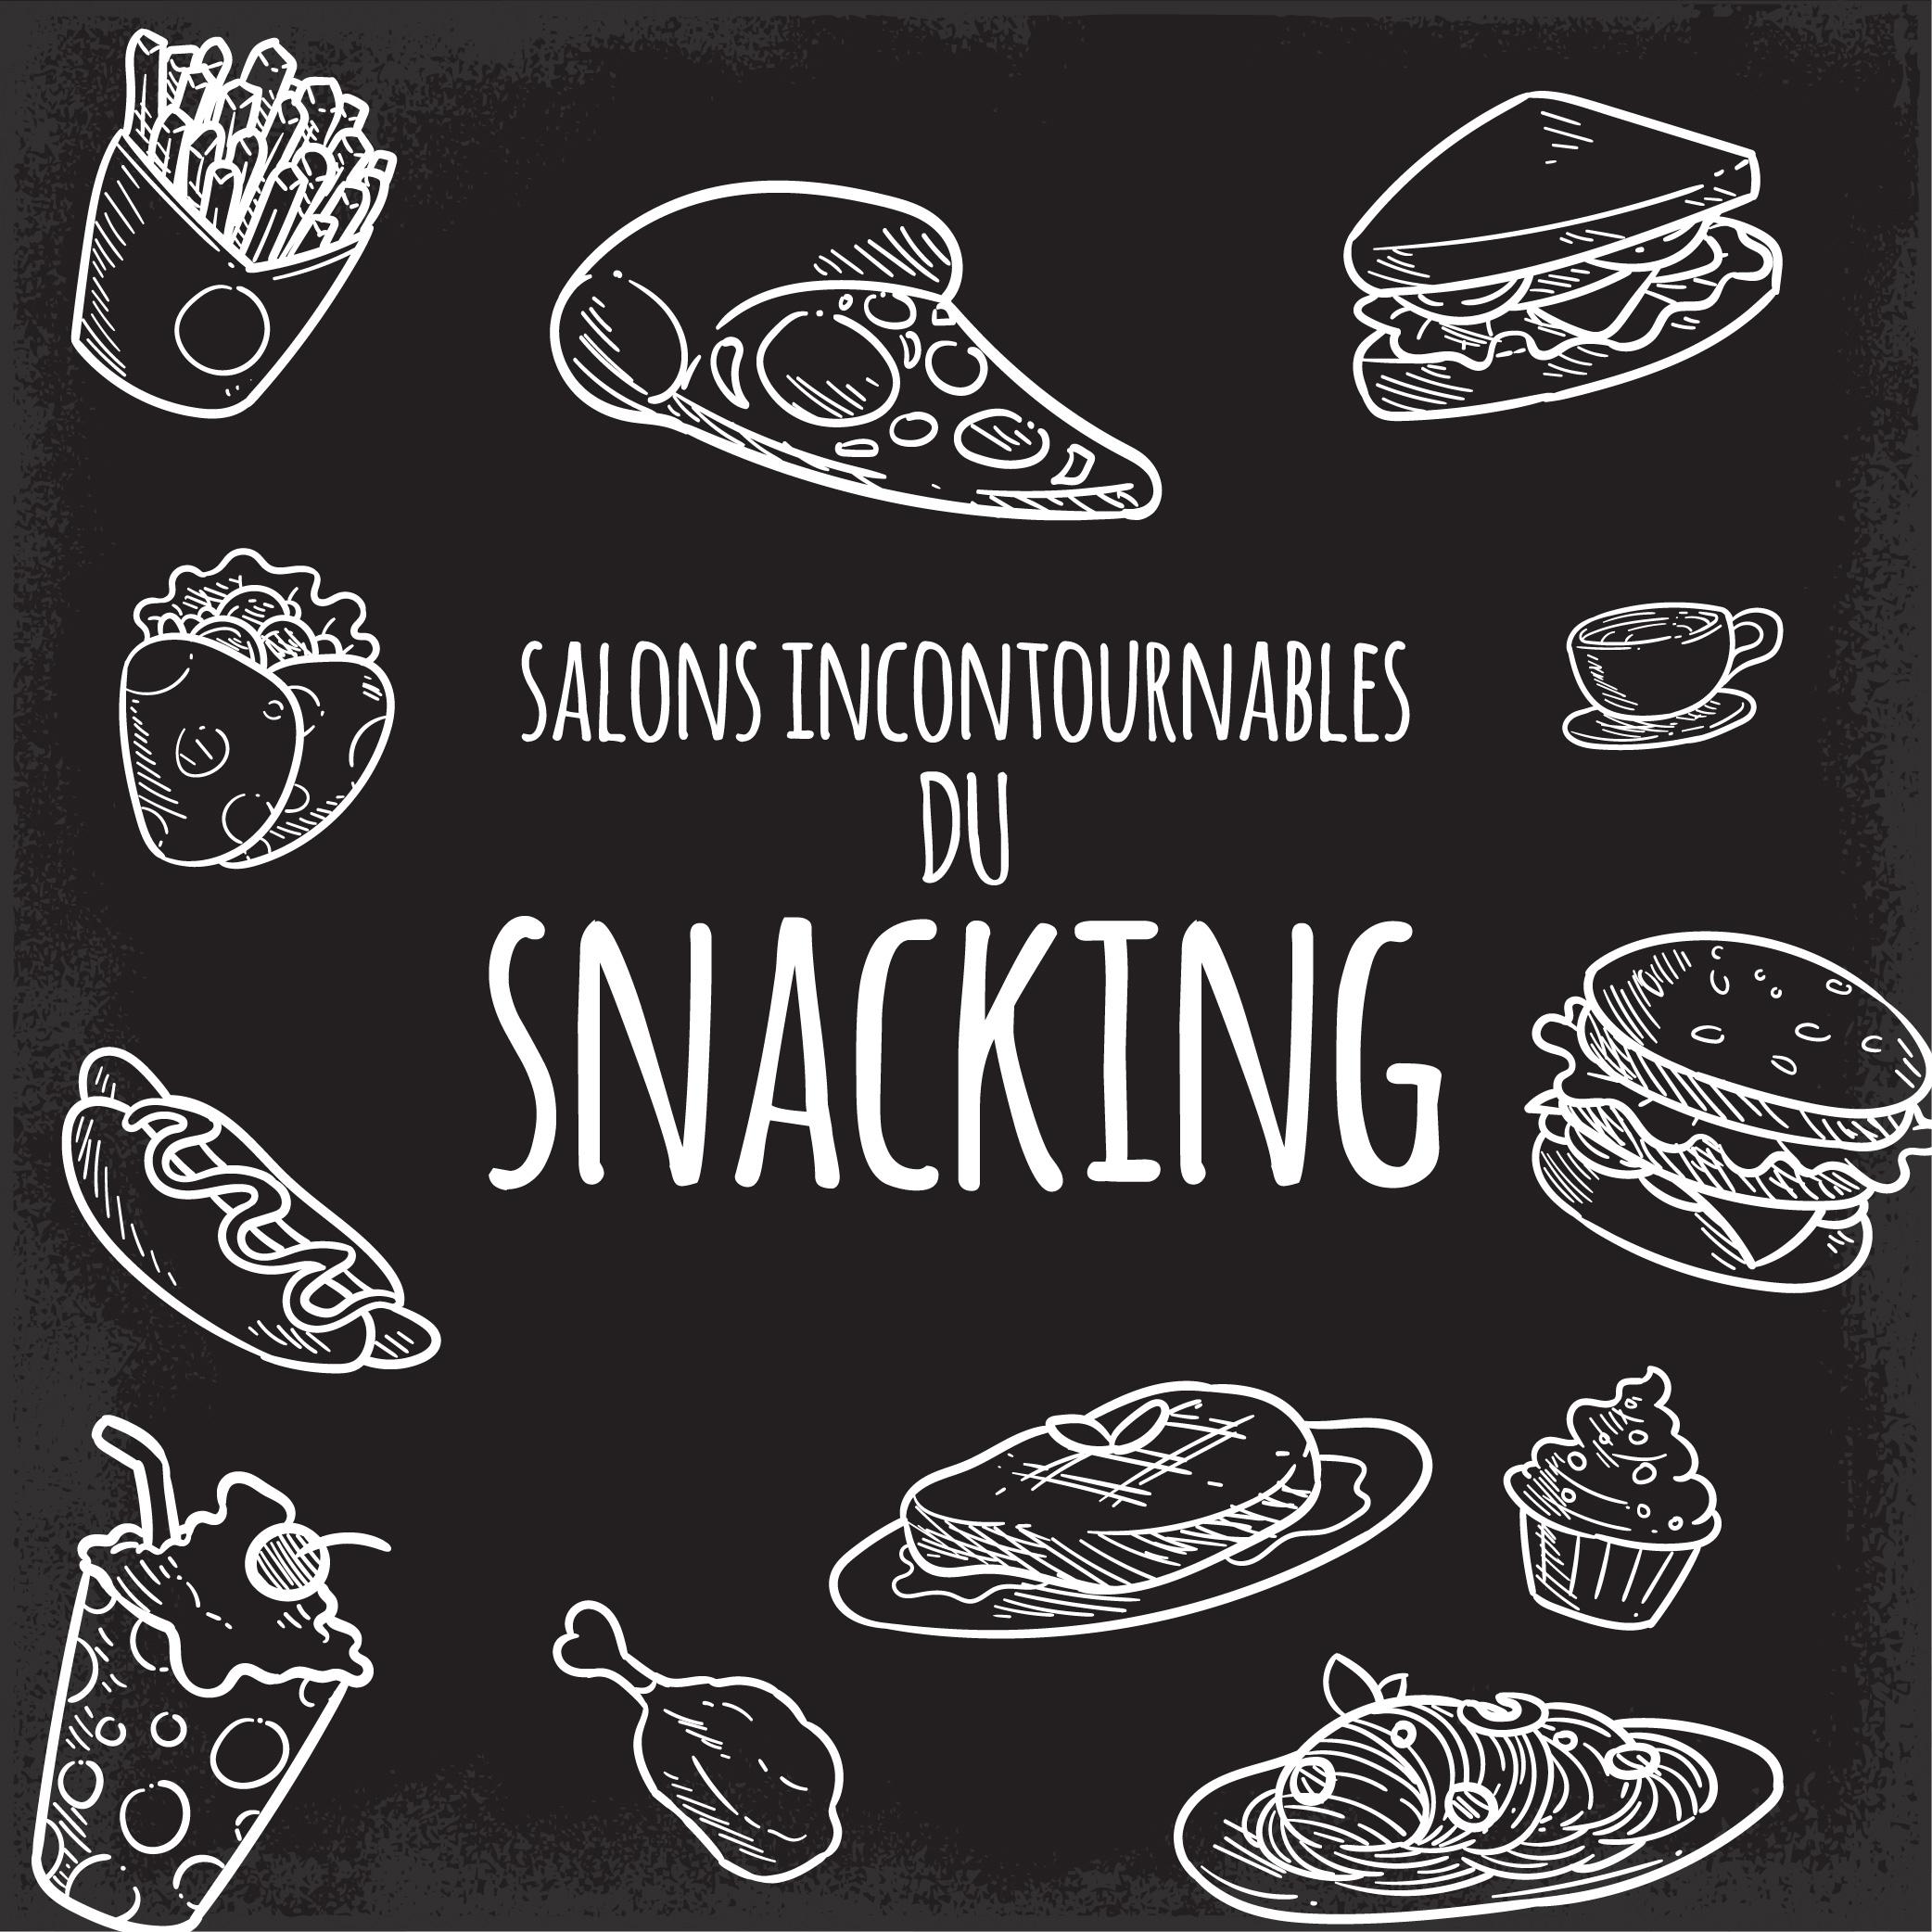 Les salons incontournables du snacking